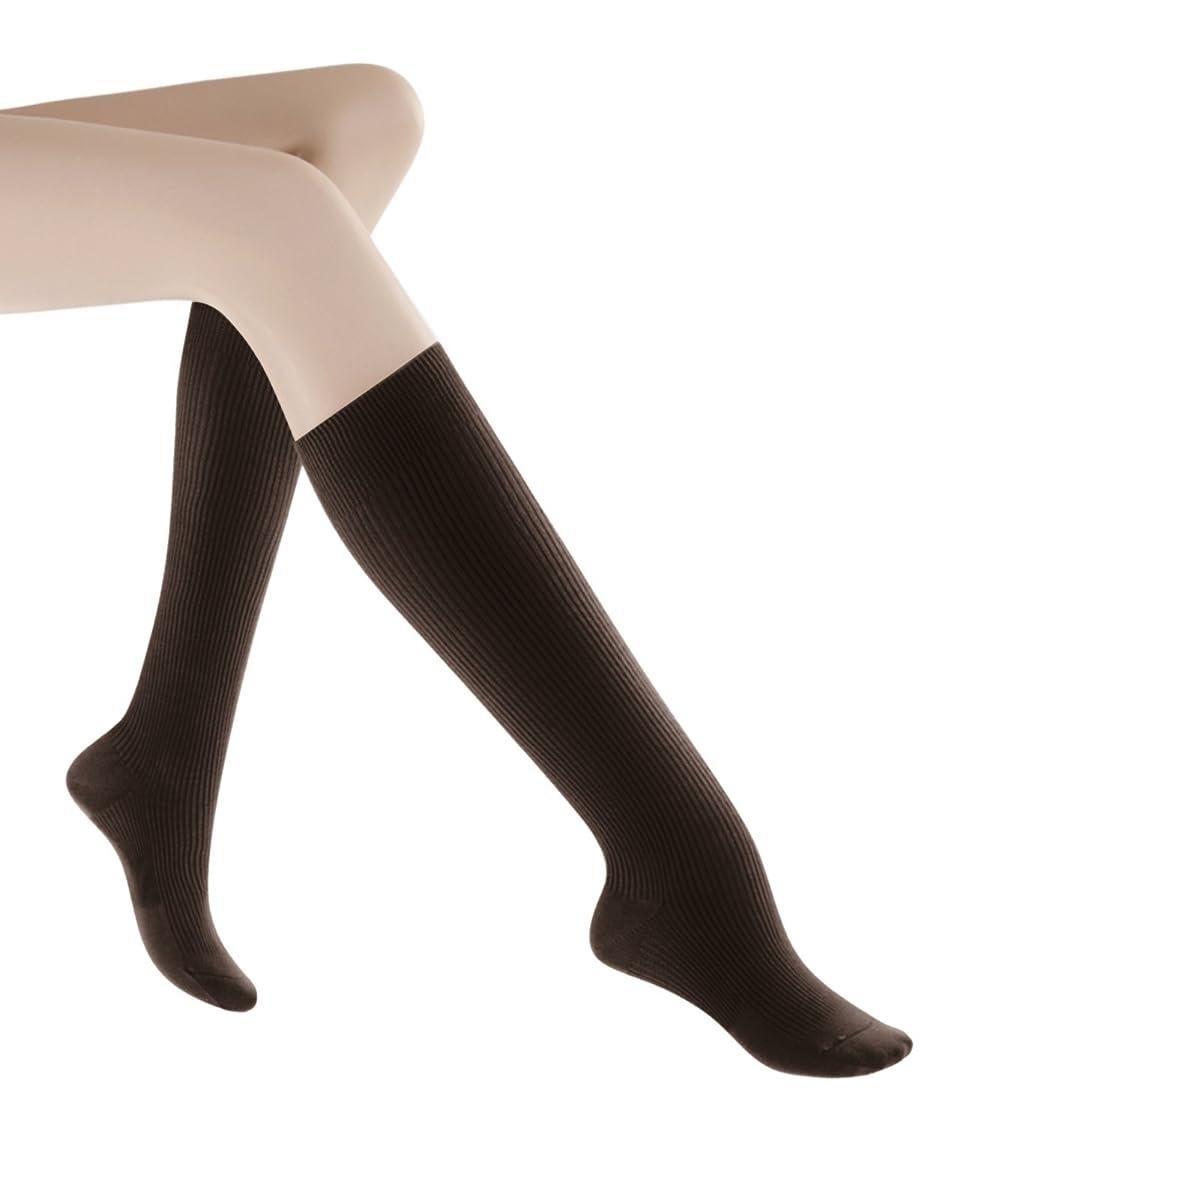 伝統タール不十分Women's Casual Cotton 15-20mmHg Closed Toe Knee High Sock Size: B (7.5-9.5), Color: Brown 11 by Sigvaris